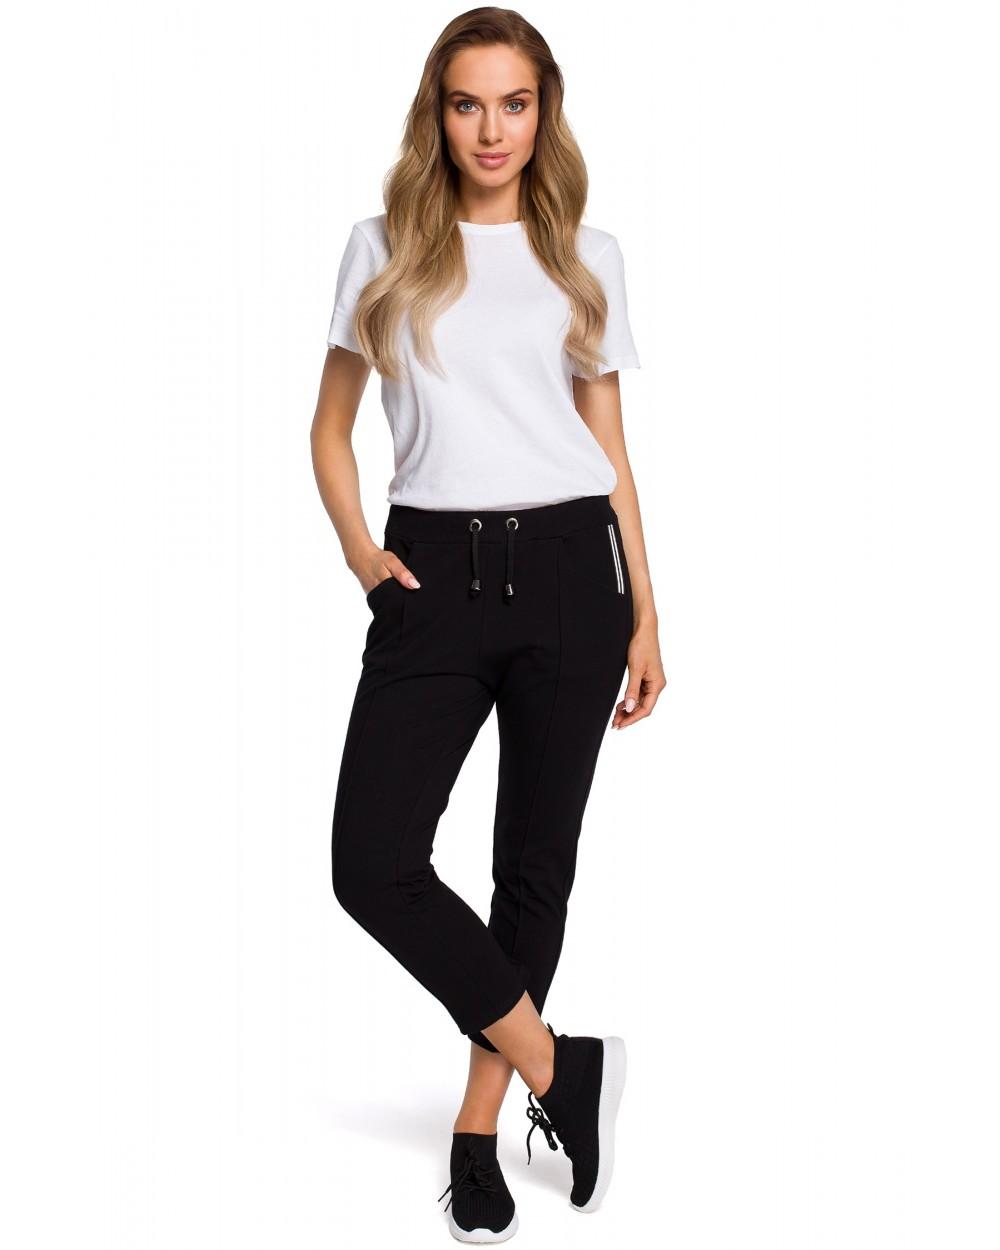 Spodnie damskie 78 ecru bawełniane sportowe sklep online